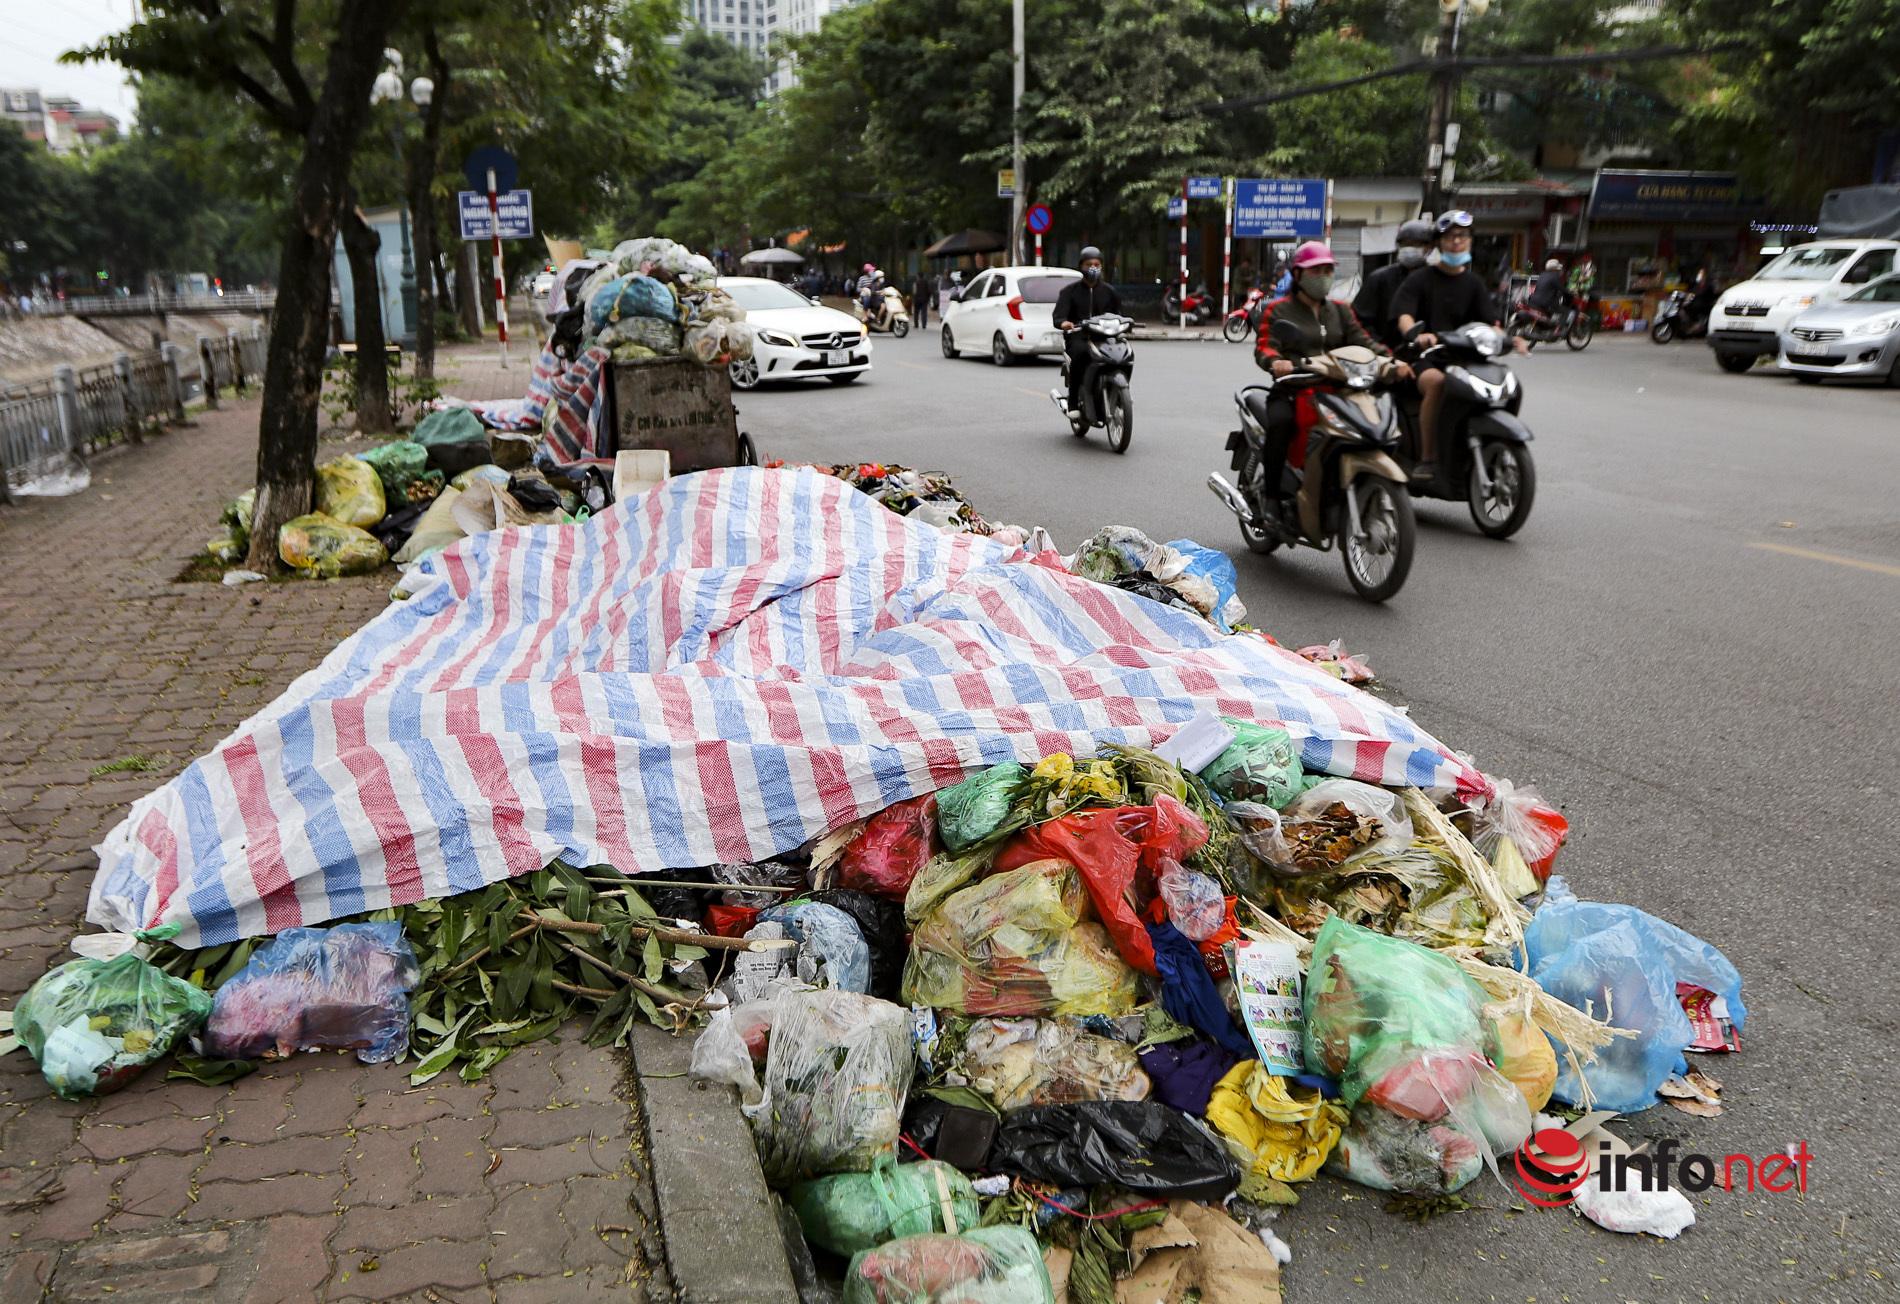 rác thải,rác,Hà Nội,ô nhiễm môi trường,bảo vệ môi trường,bảo vệ cảnh quan